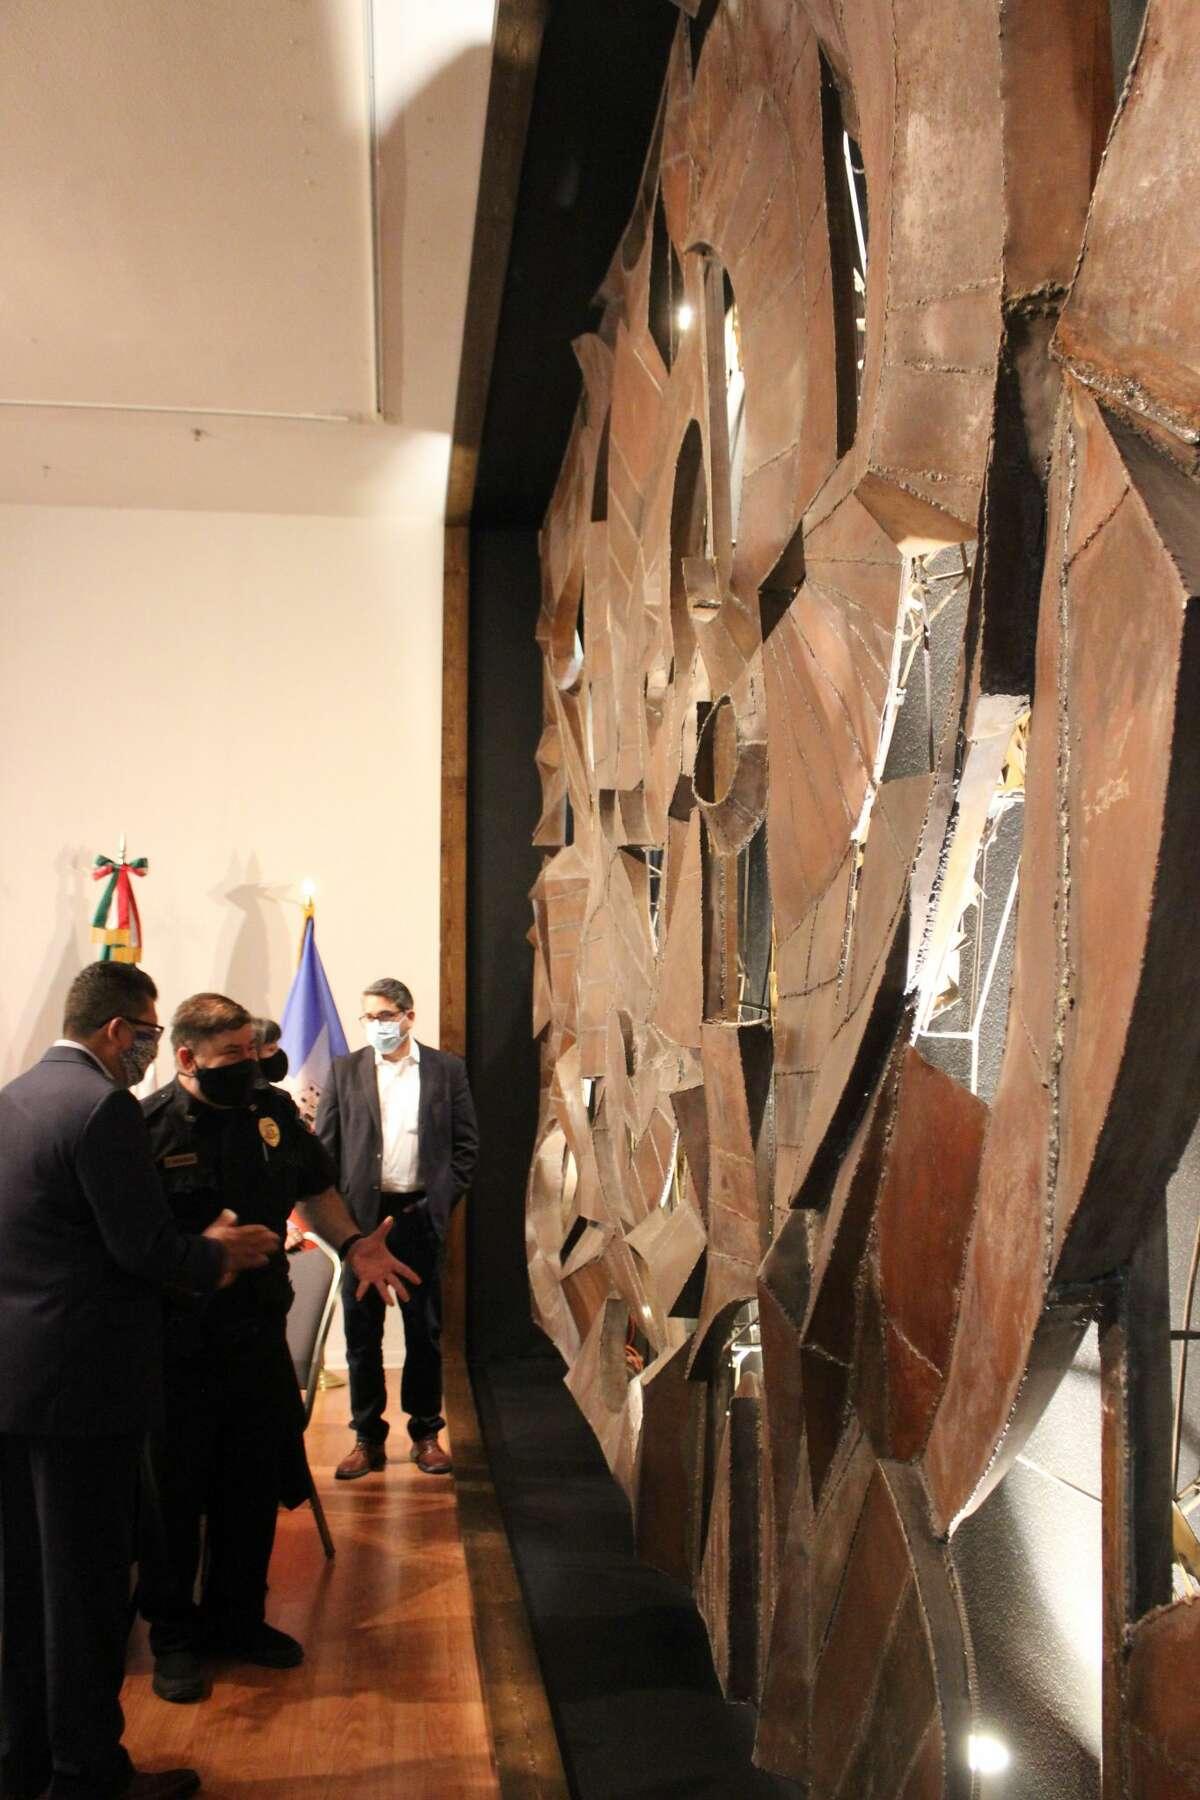 El fresco ocupaba una pared entera, para asombro de los invitados.